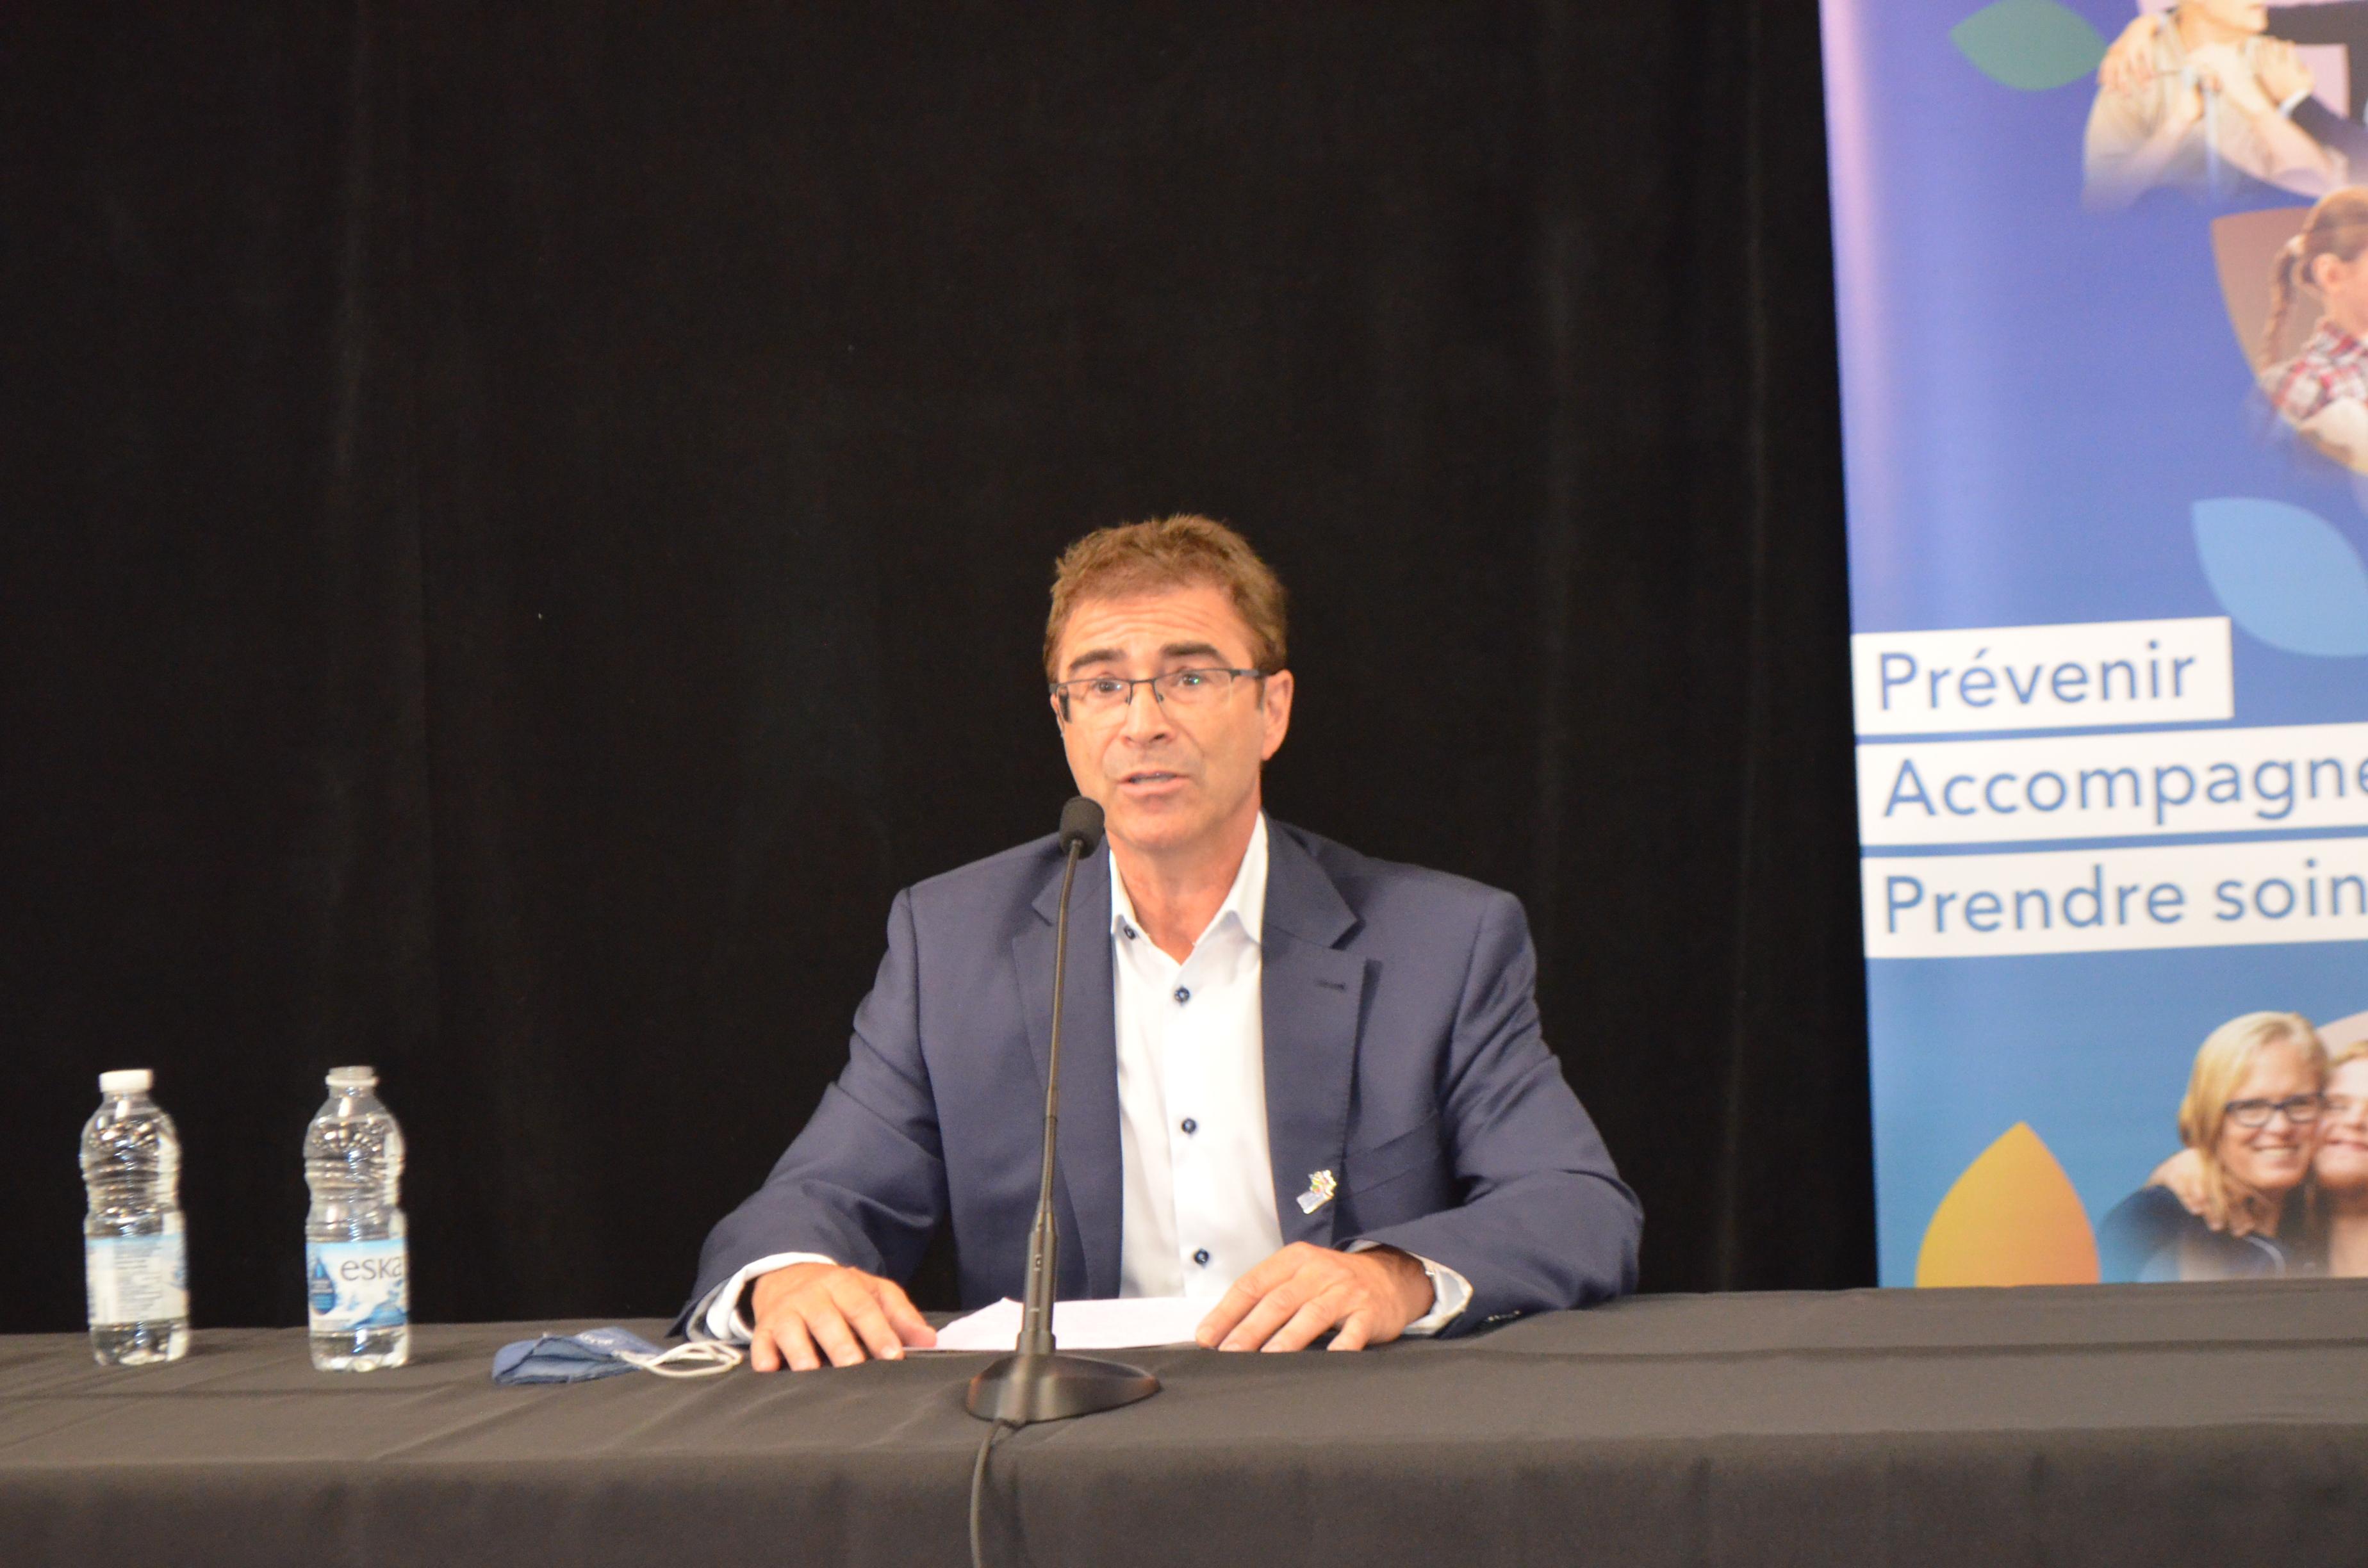 Le Dr Sylvain Leduc, directeur de la Santé publique au Bas-Saint-Laurent.